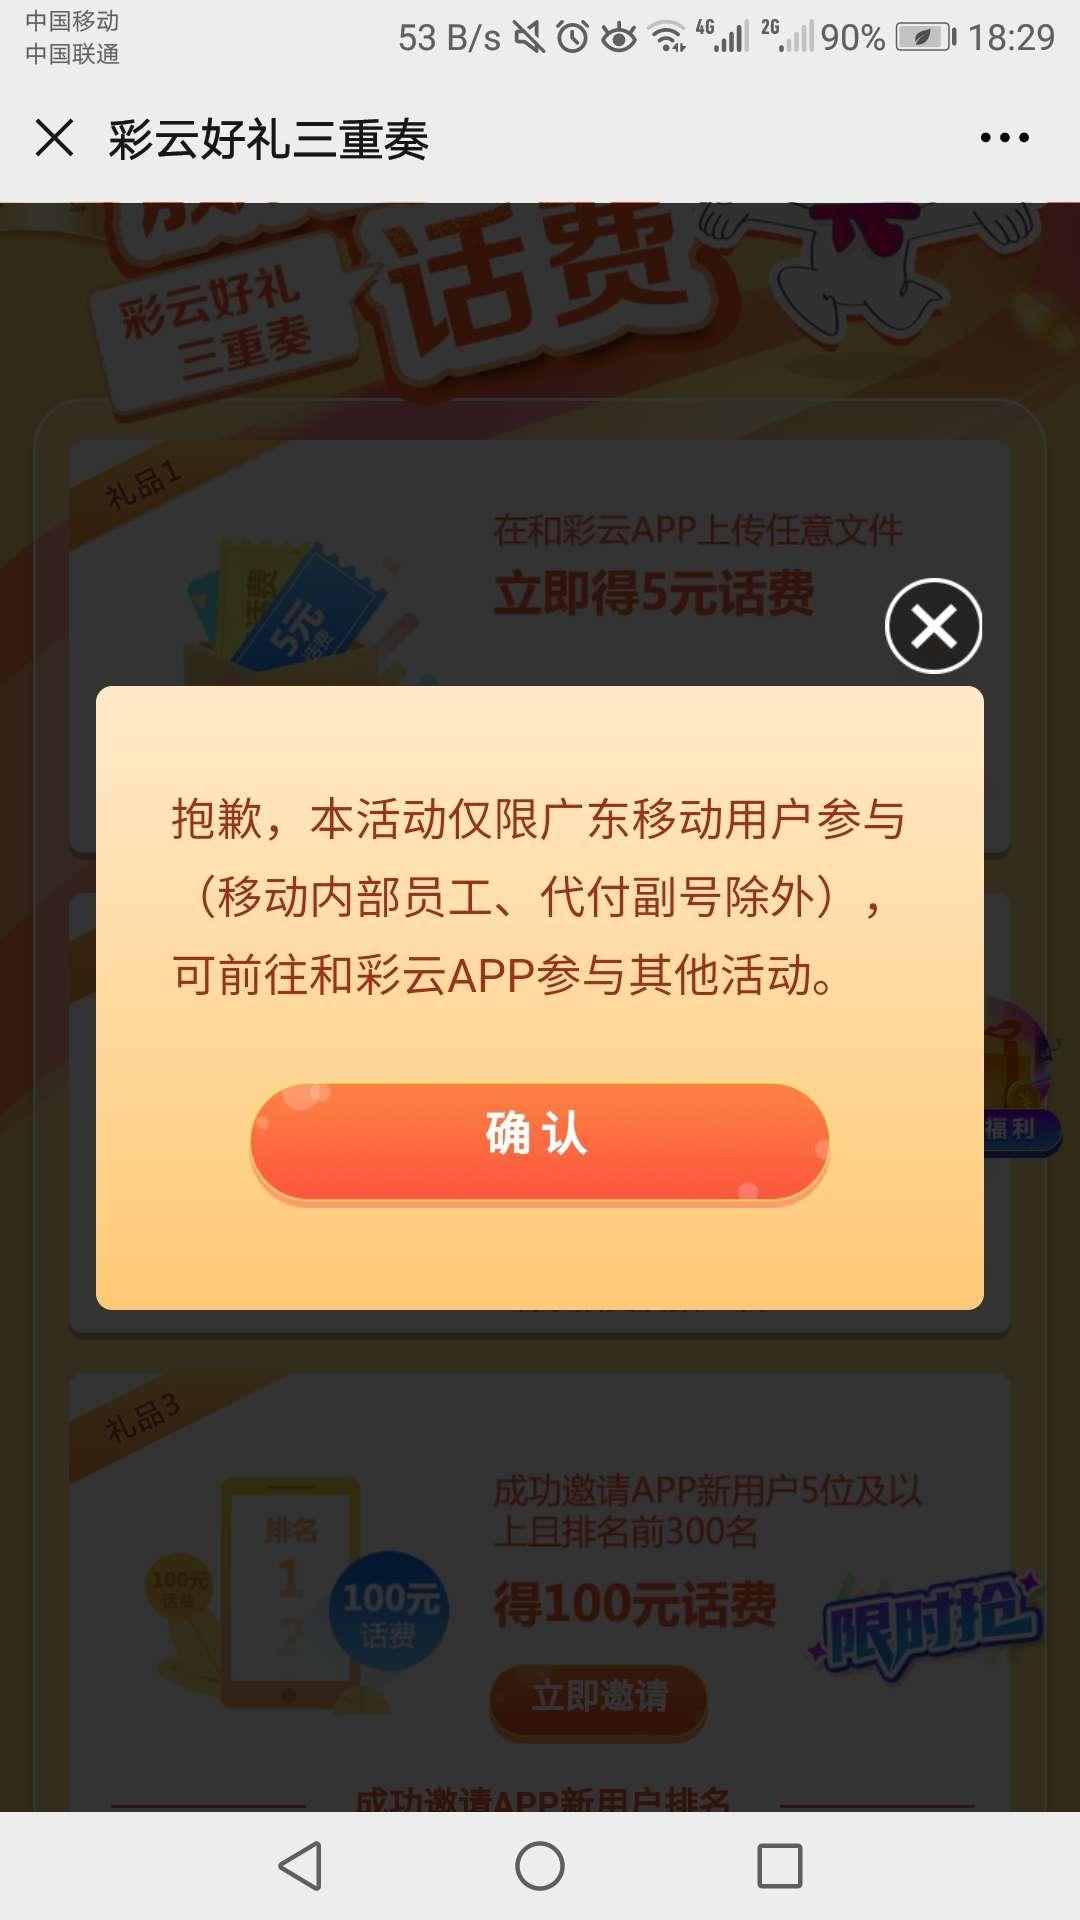 【话费流量】广东移动和彩云得5话费-聚合资源网